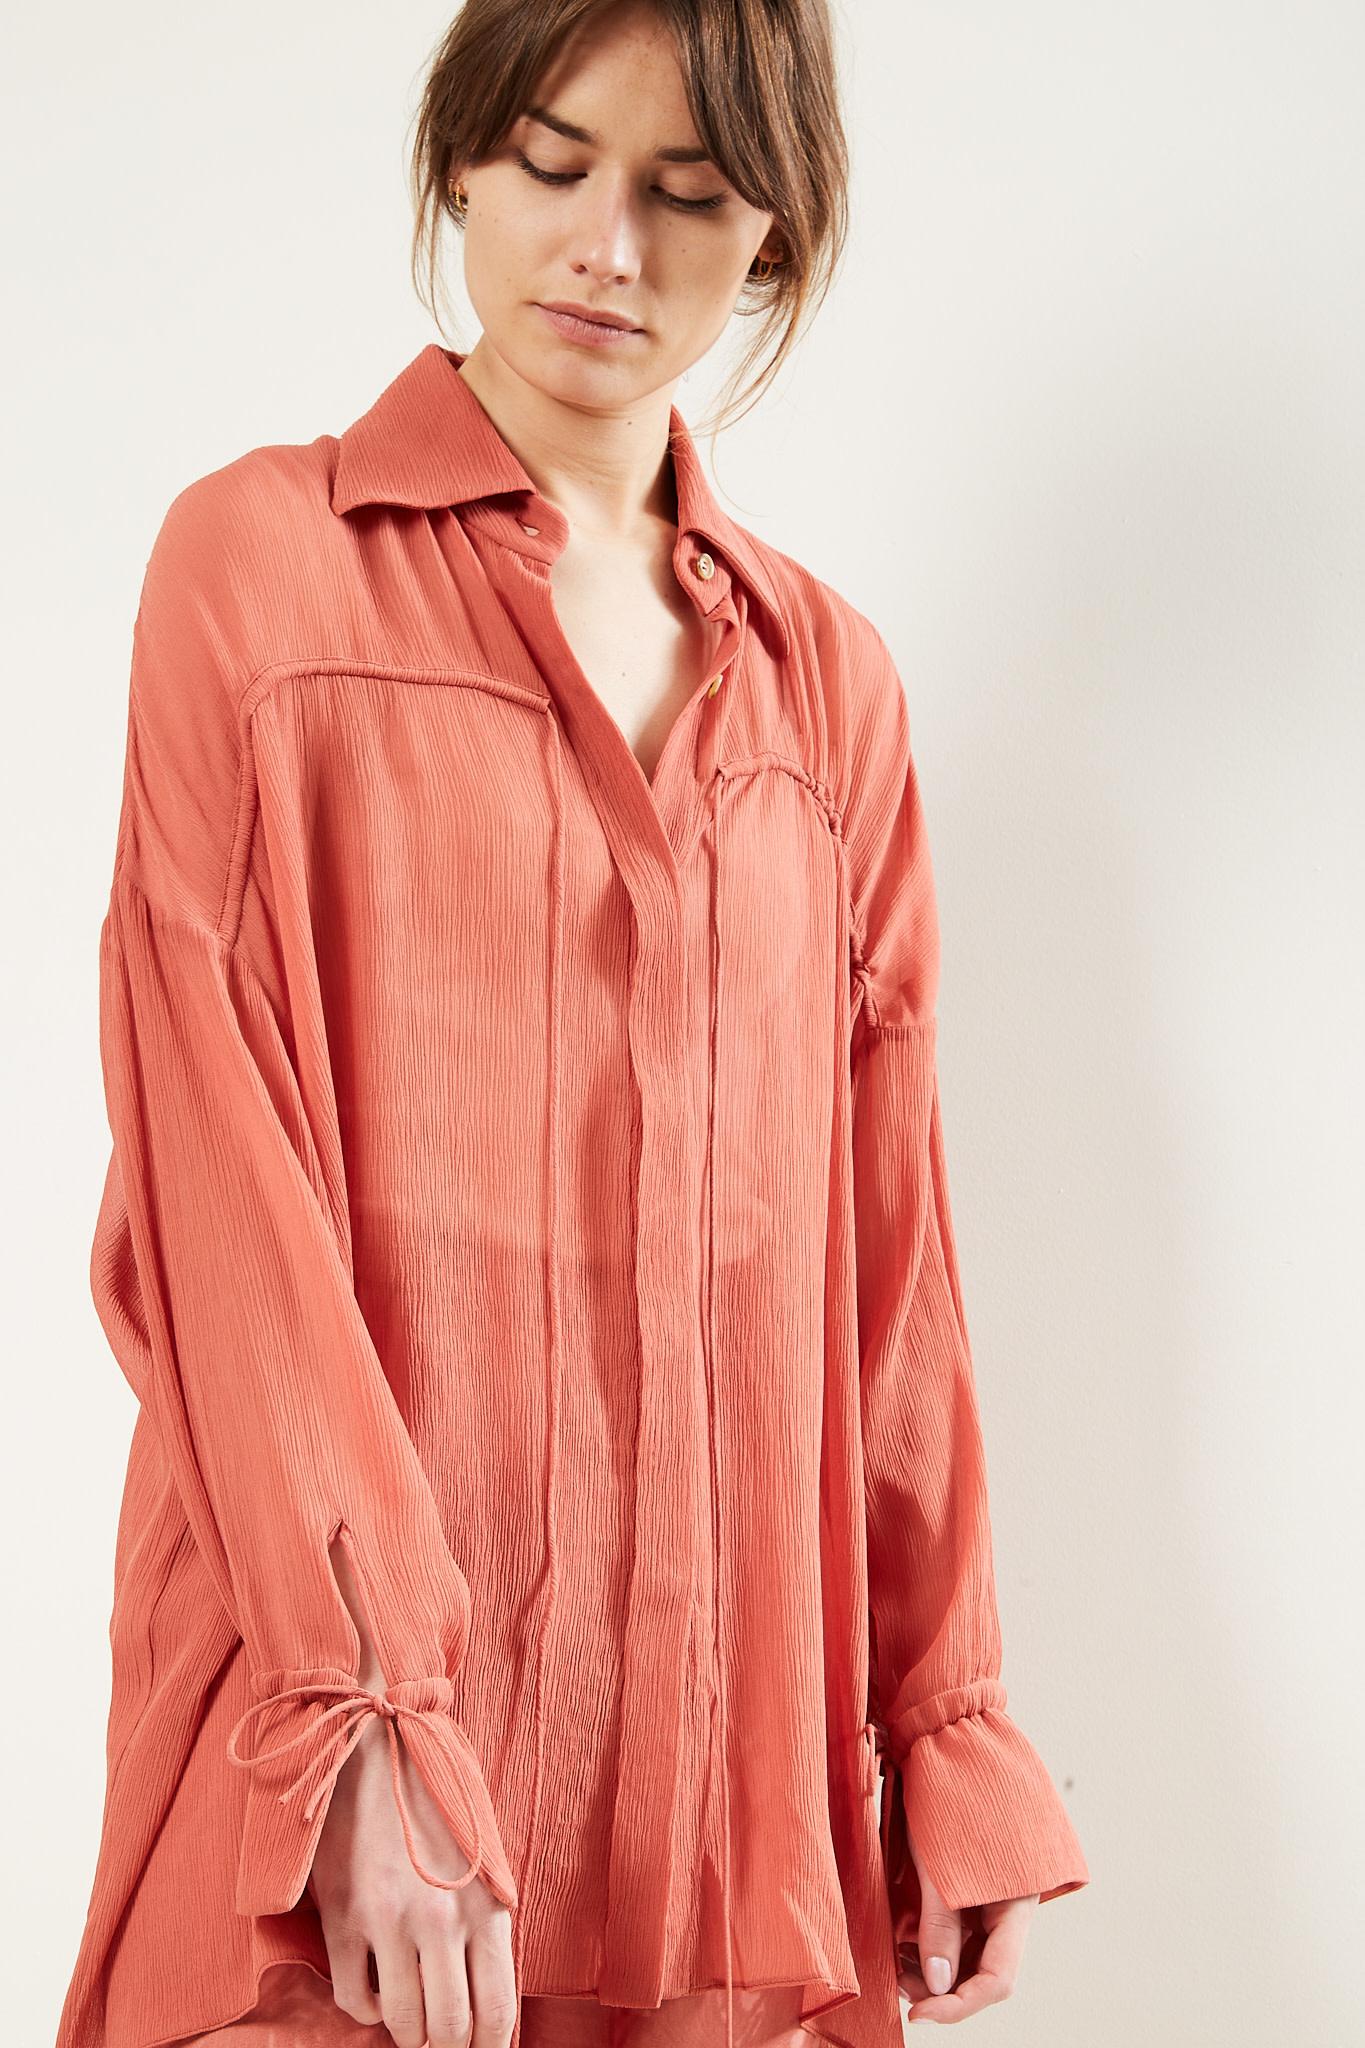 Aeron Folk shirt